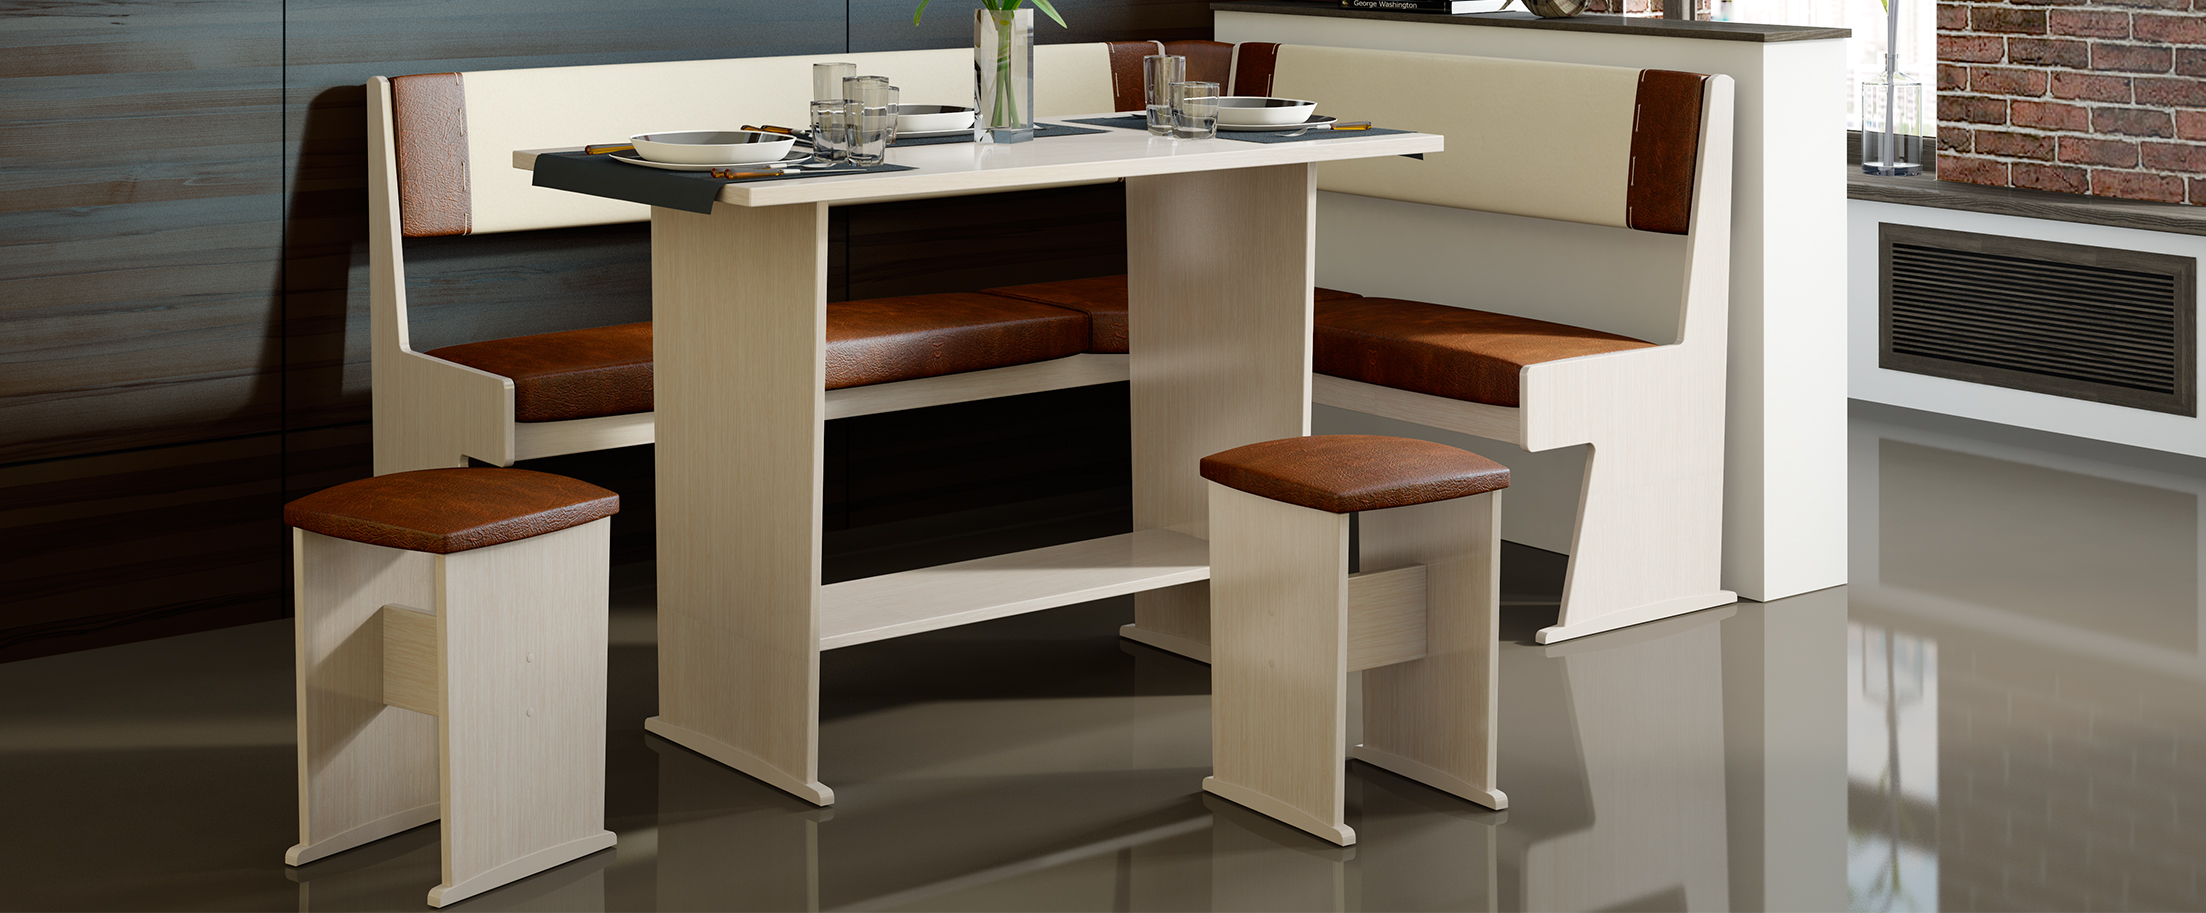 Кухонный уголок Амиго Модель 3016Кухонный уголок «Амиго» состоит из комфортной скамьи с высокой спинкой, на которую приятно облокотиться после рабочего дня; просторного обеденного стола прямоугольной формы и двух табуретов с мягким сидением.<br>